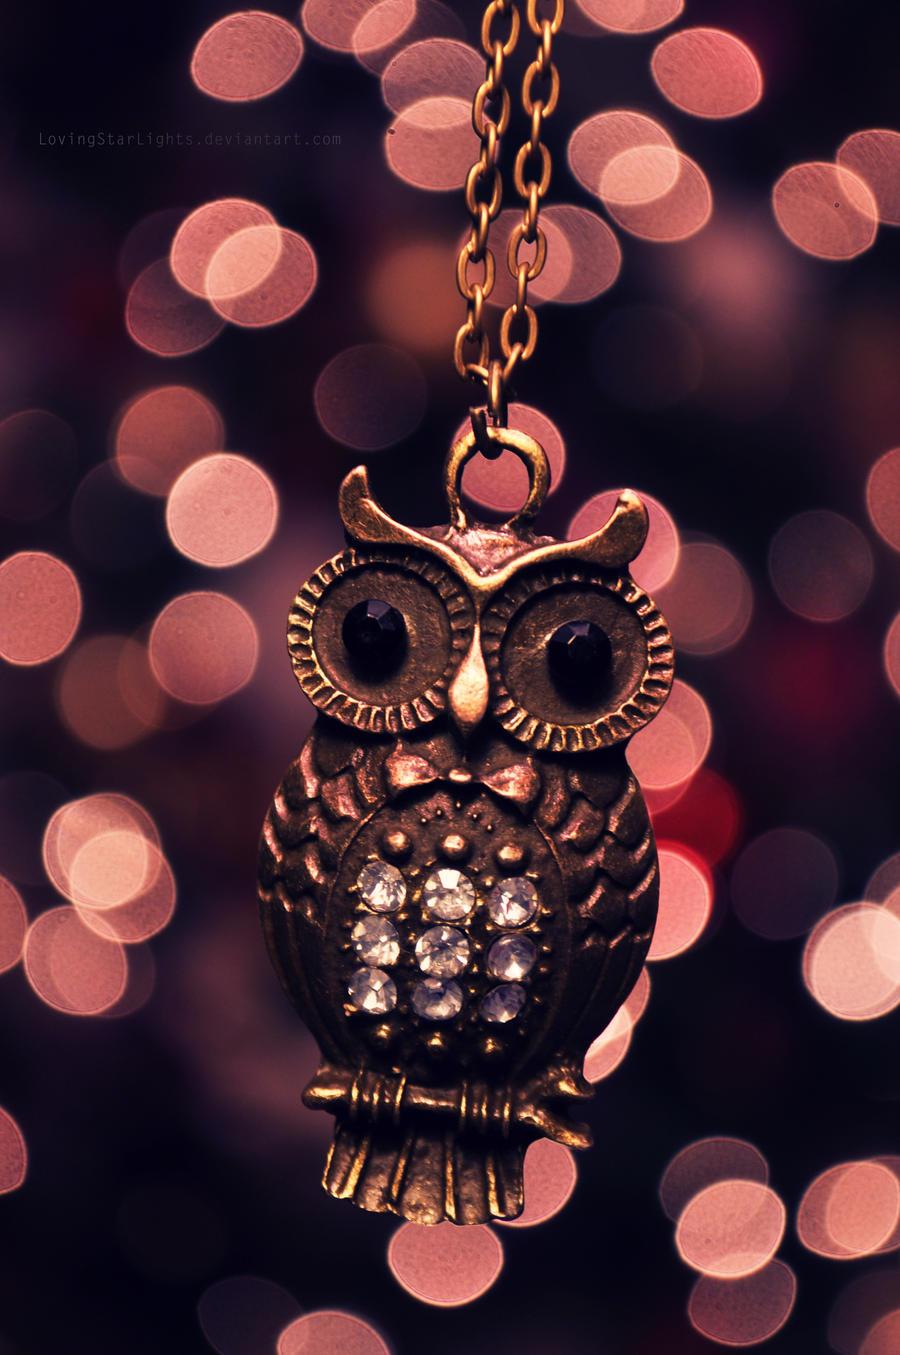 Mr. Owl II by MintLights